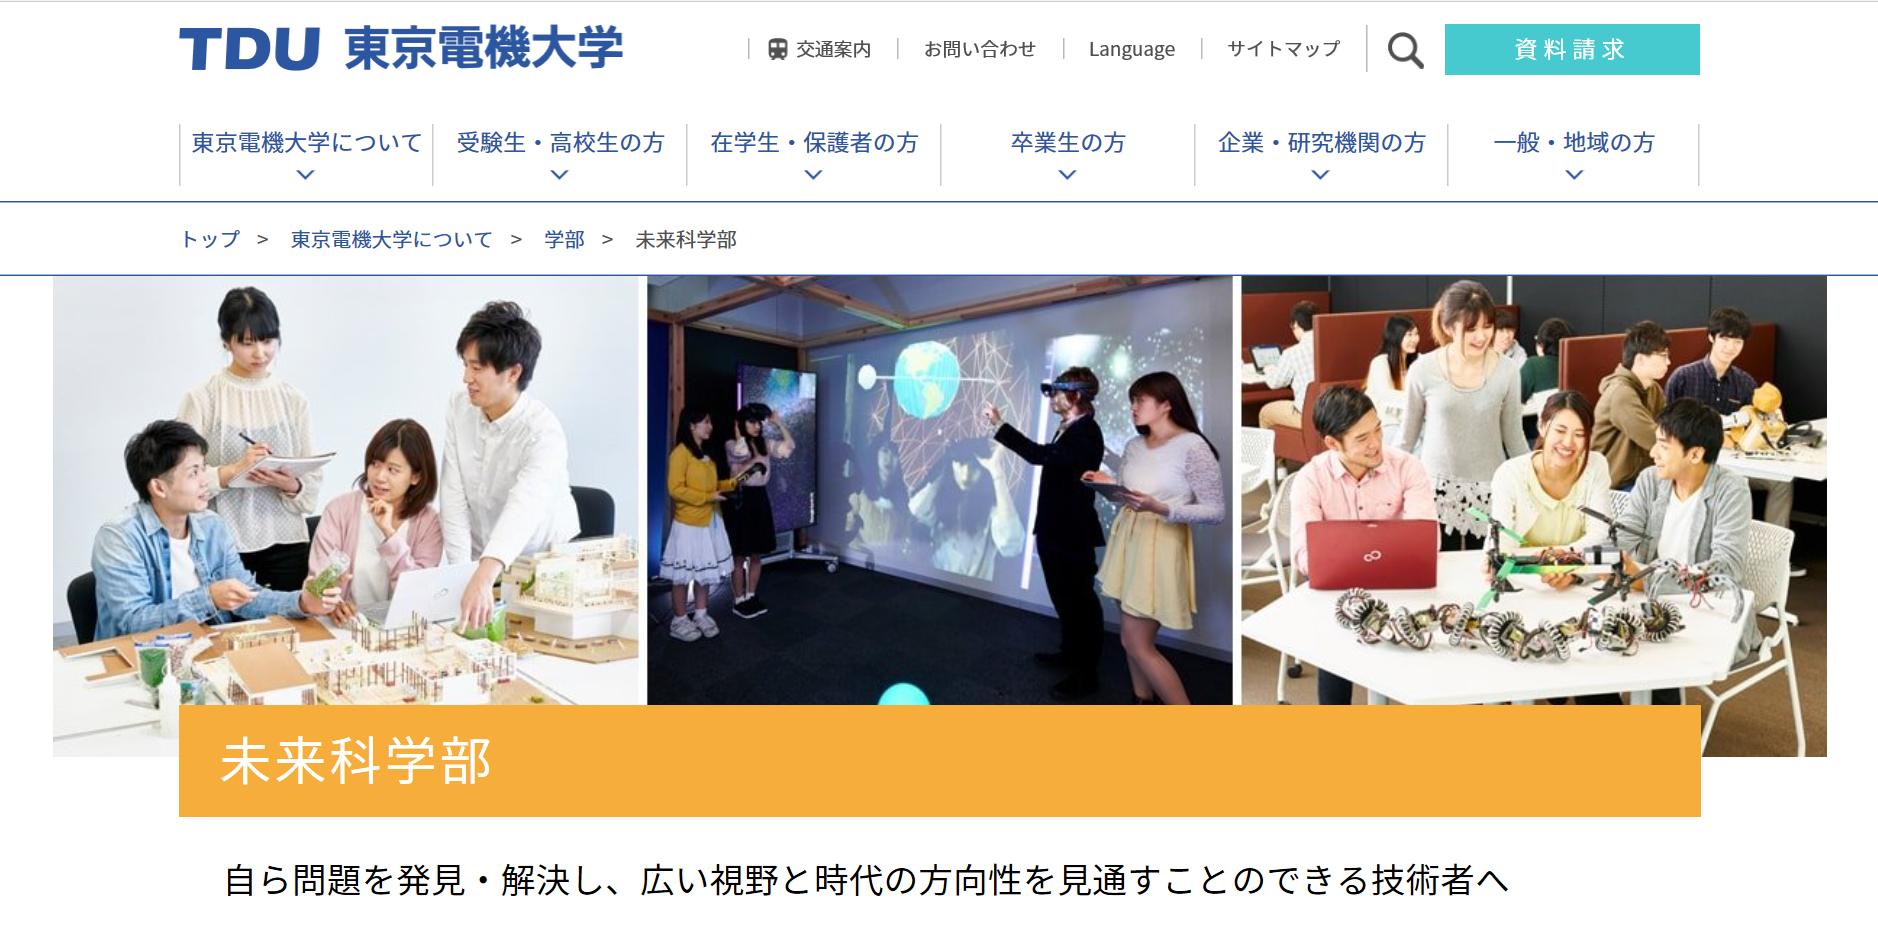 東京電機大学の評判・口コミ【未来科学部編】